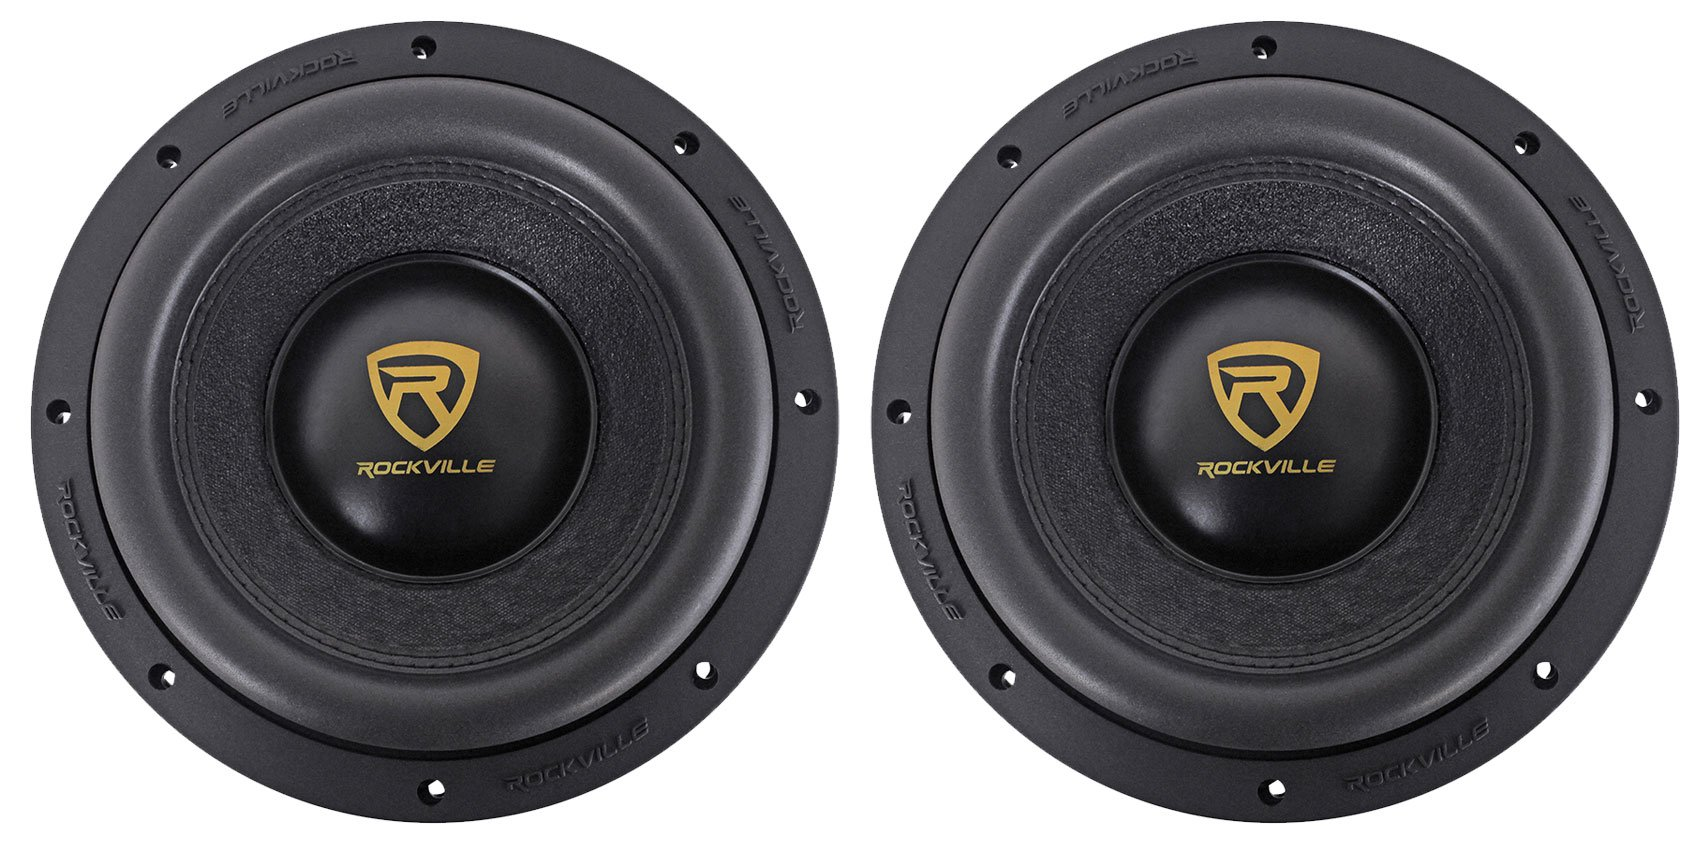 """(2) Rockville W10K9D4 10"""" 6400 Watt Car Audio Subwoofers Dual 4-Ohm Subs"""